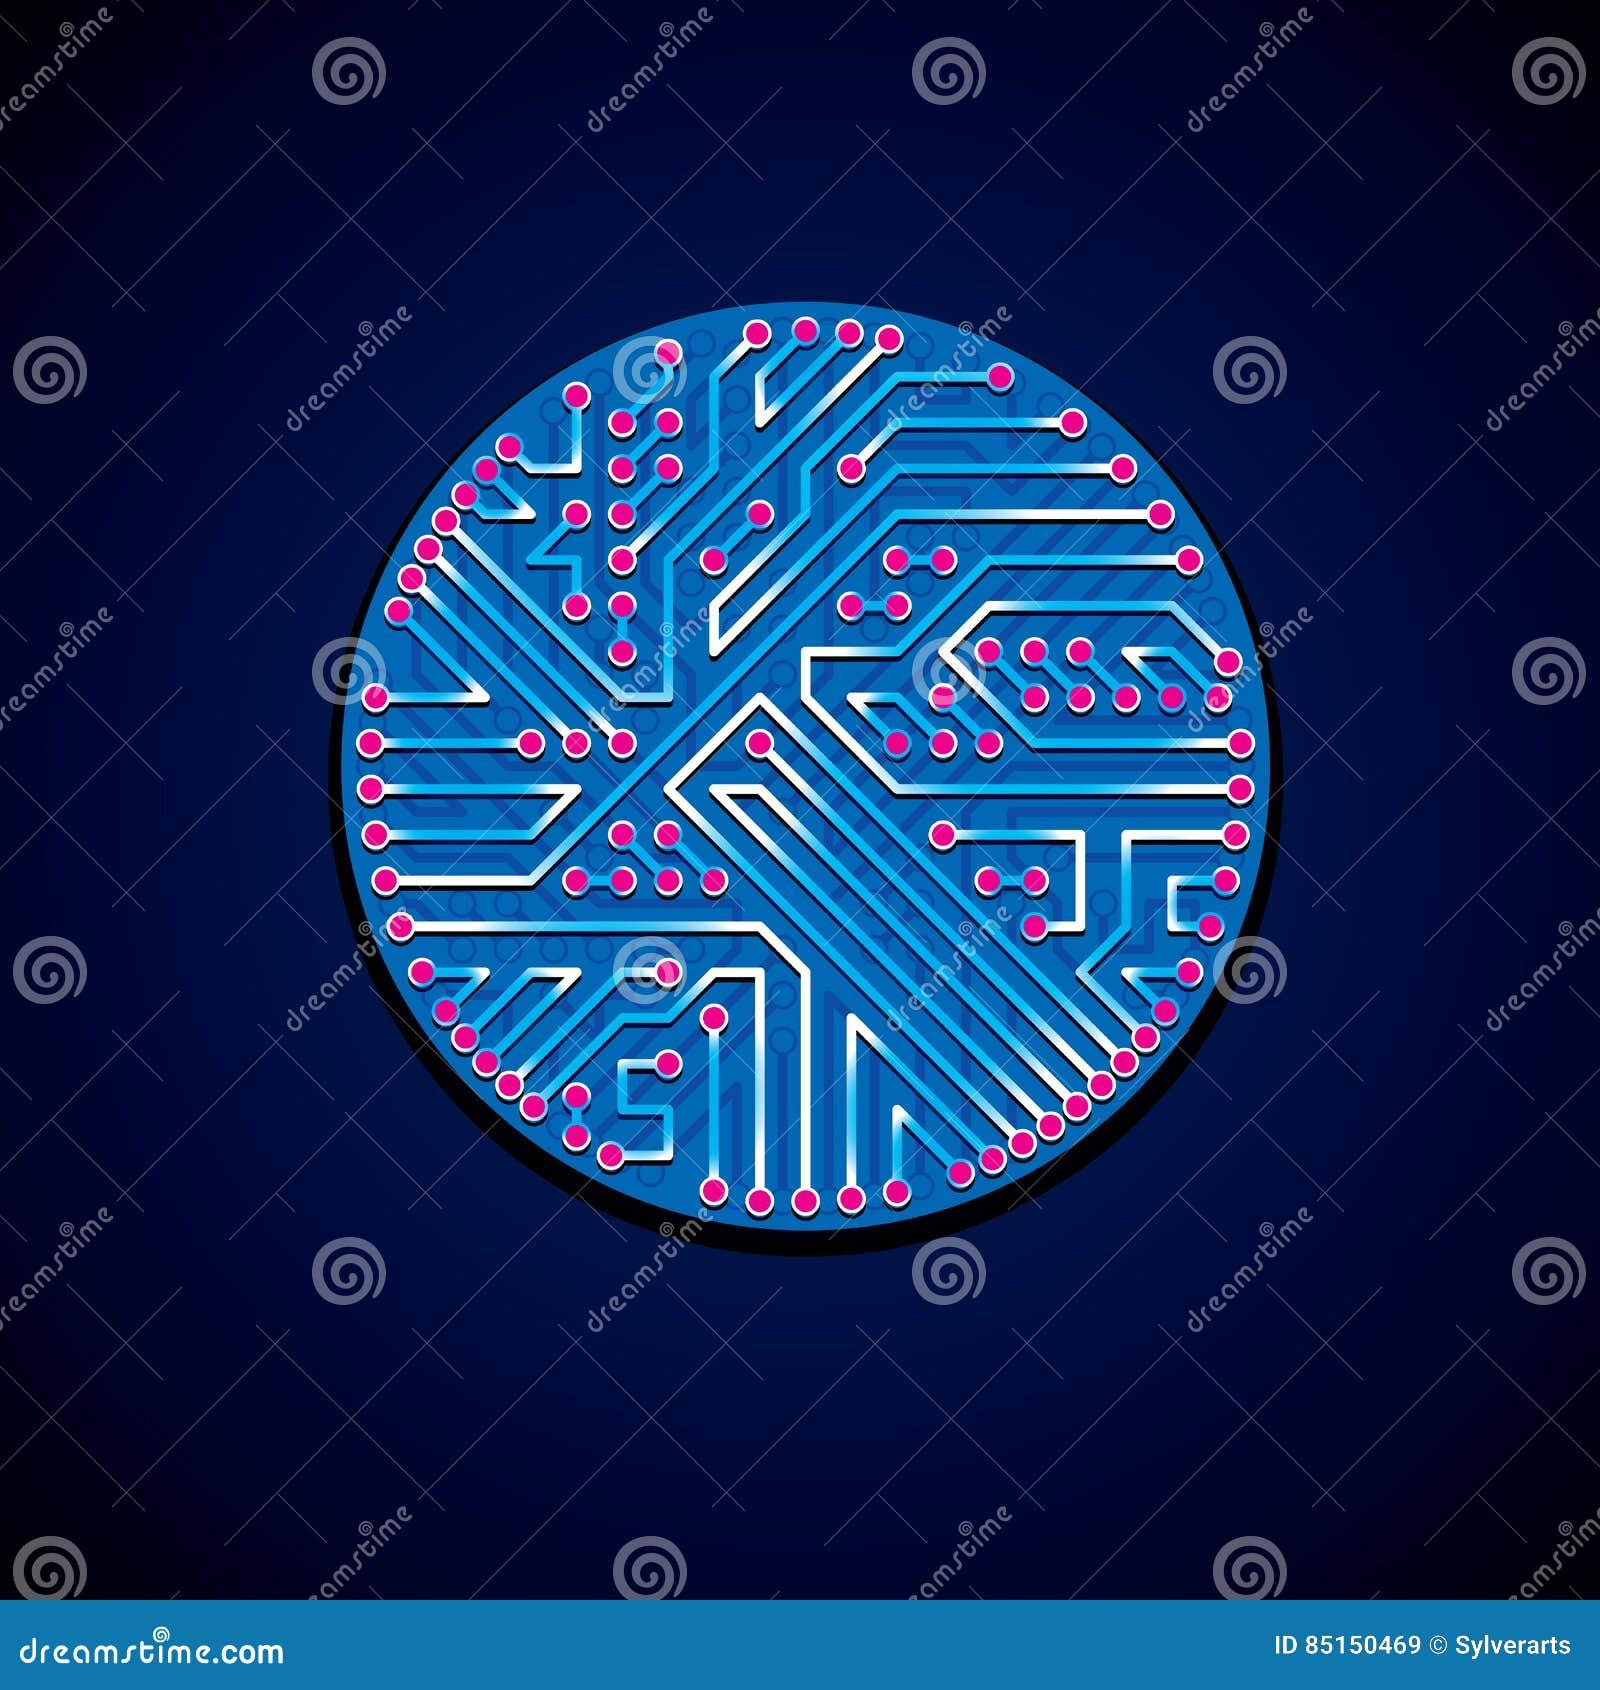 Schema Collegamento Neon Circolare : Piastra a led magnetica sostituisce neon a fluorescenza watt